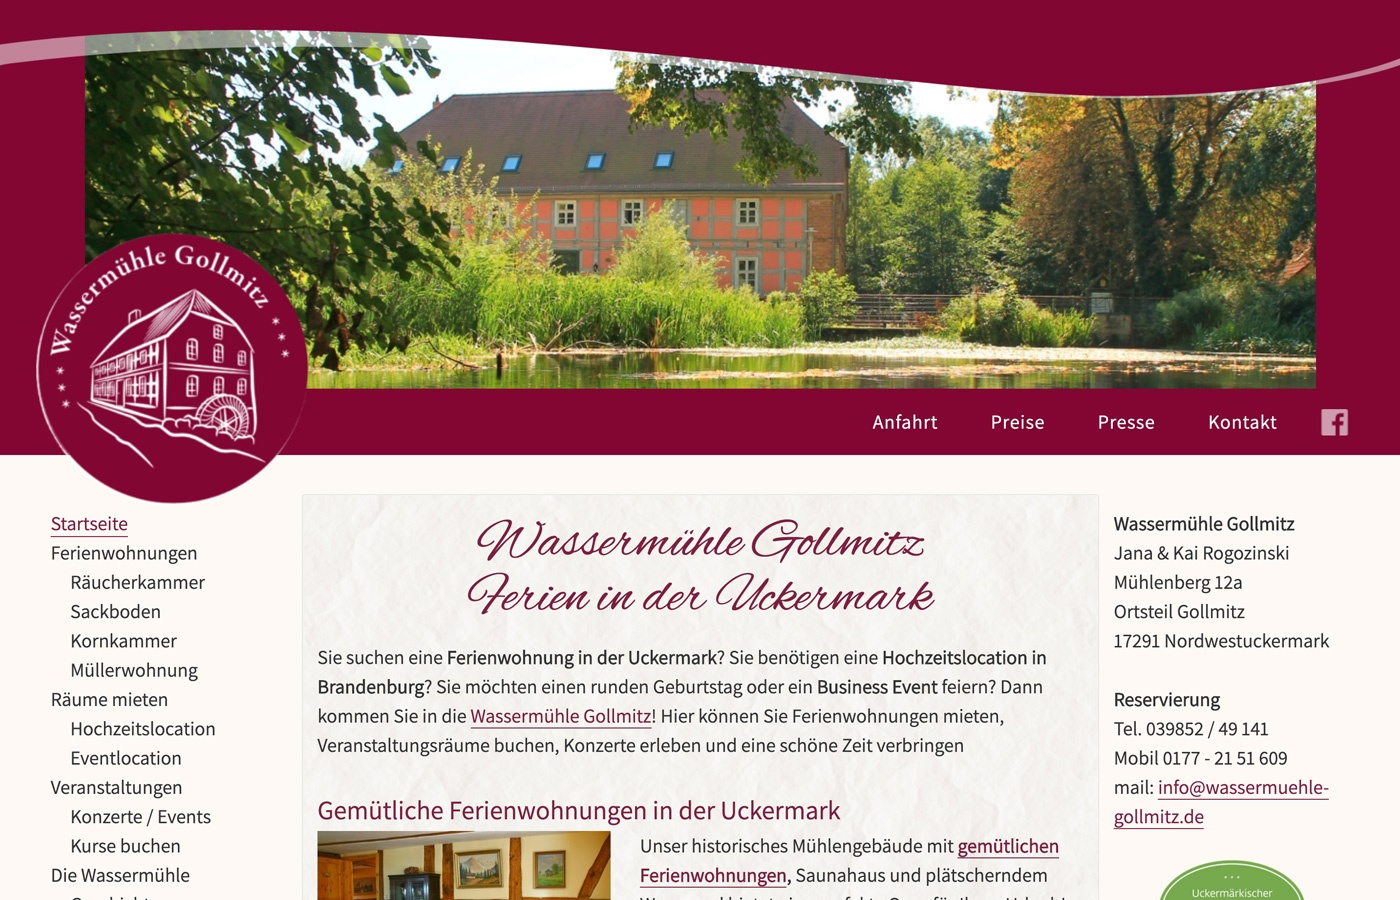 Eine neue Webseite erstellen für die Wassermühle Gollmitz